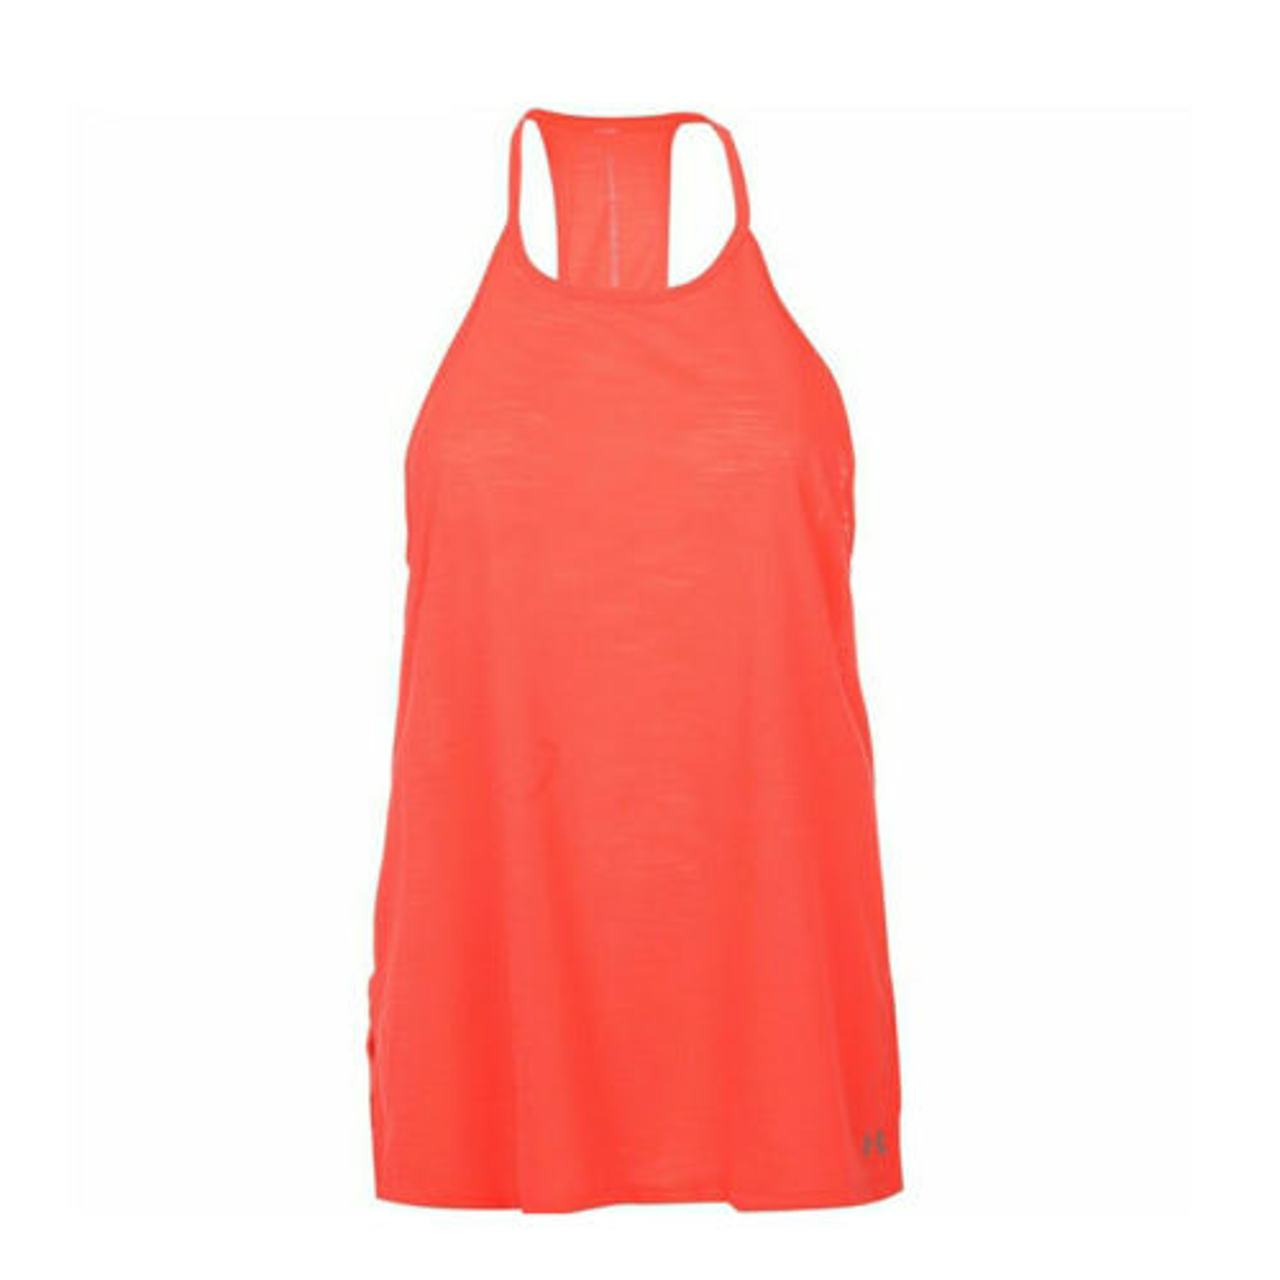 تا ورزشی زنانه آندر آرمور مدل Threadborne Fashion Tank